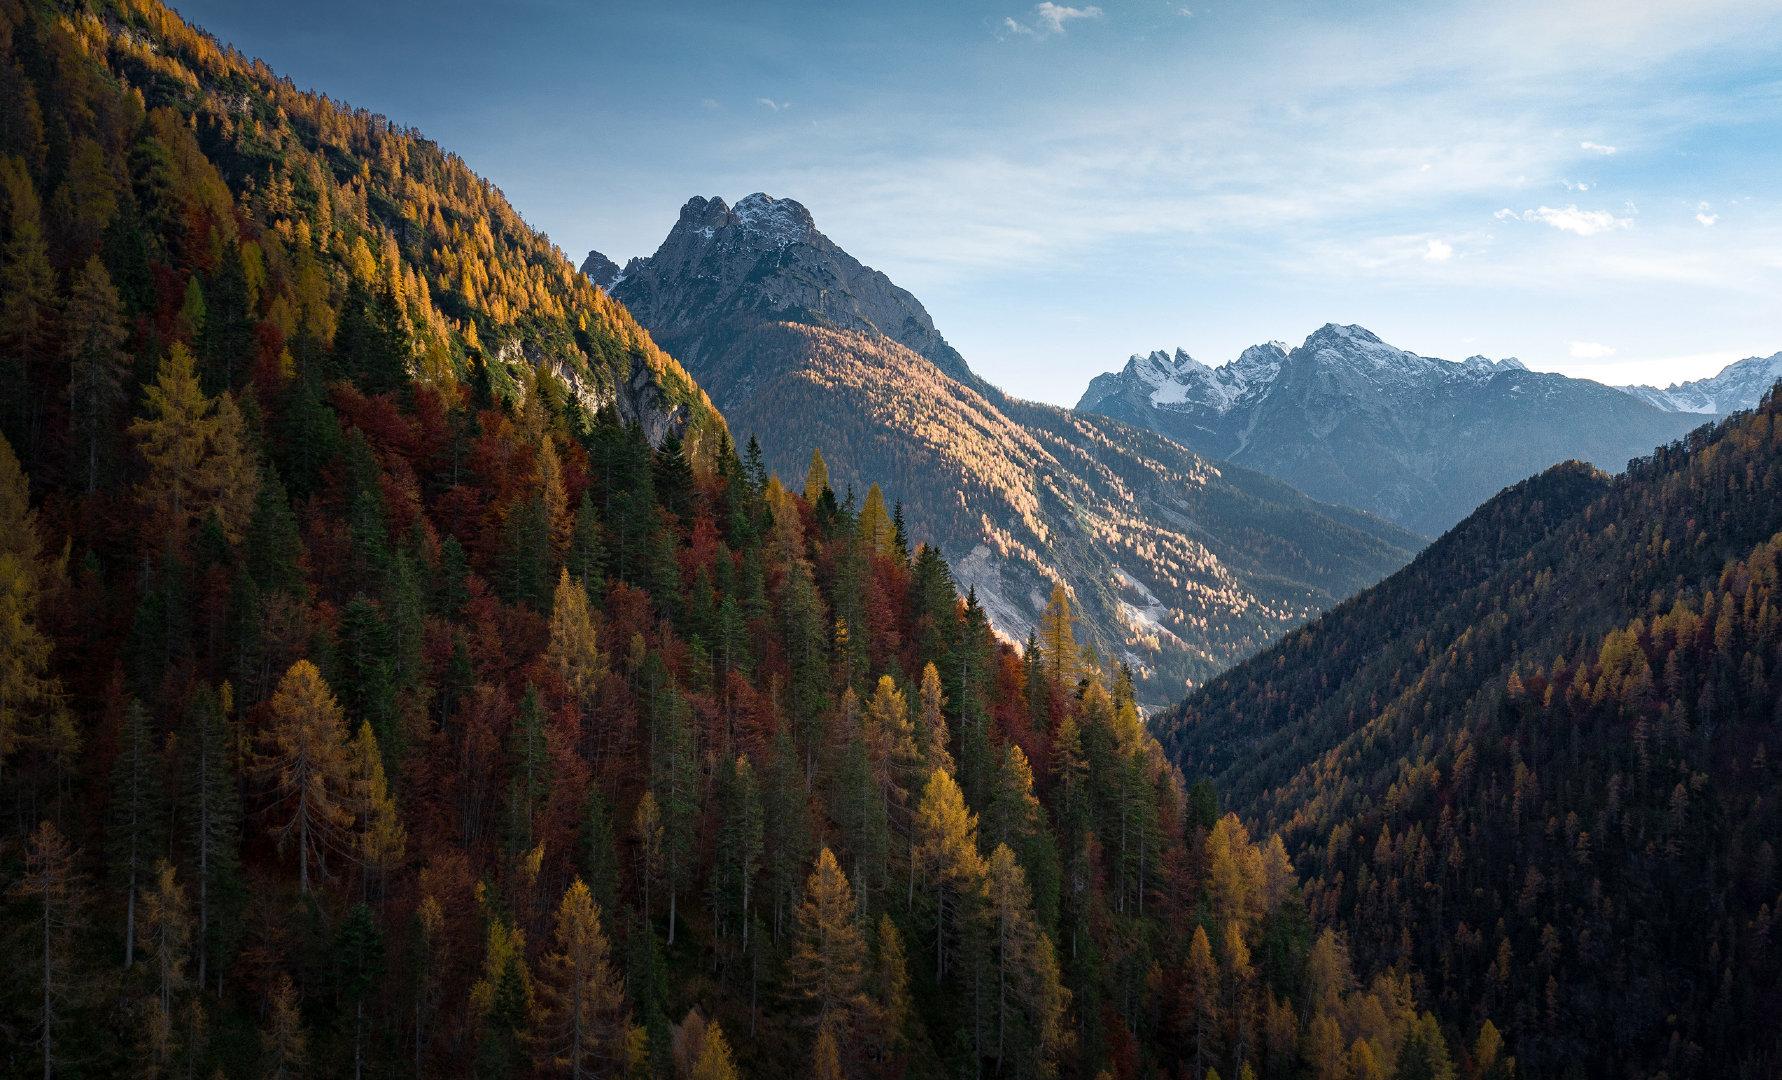 山毛榉、冷杉和落叶松组成了多洛米蒂 Val Visdende 山谷的秋色